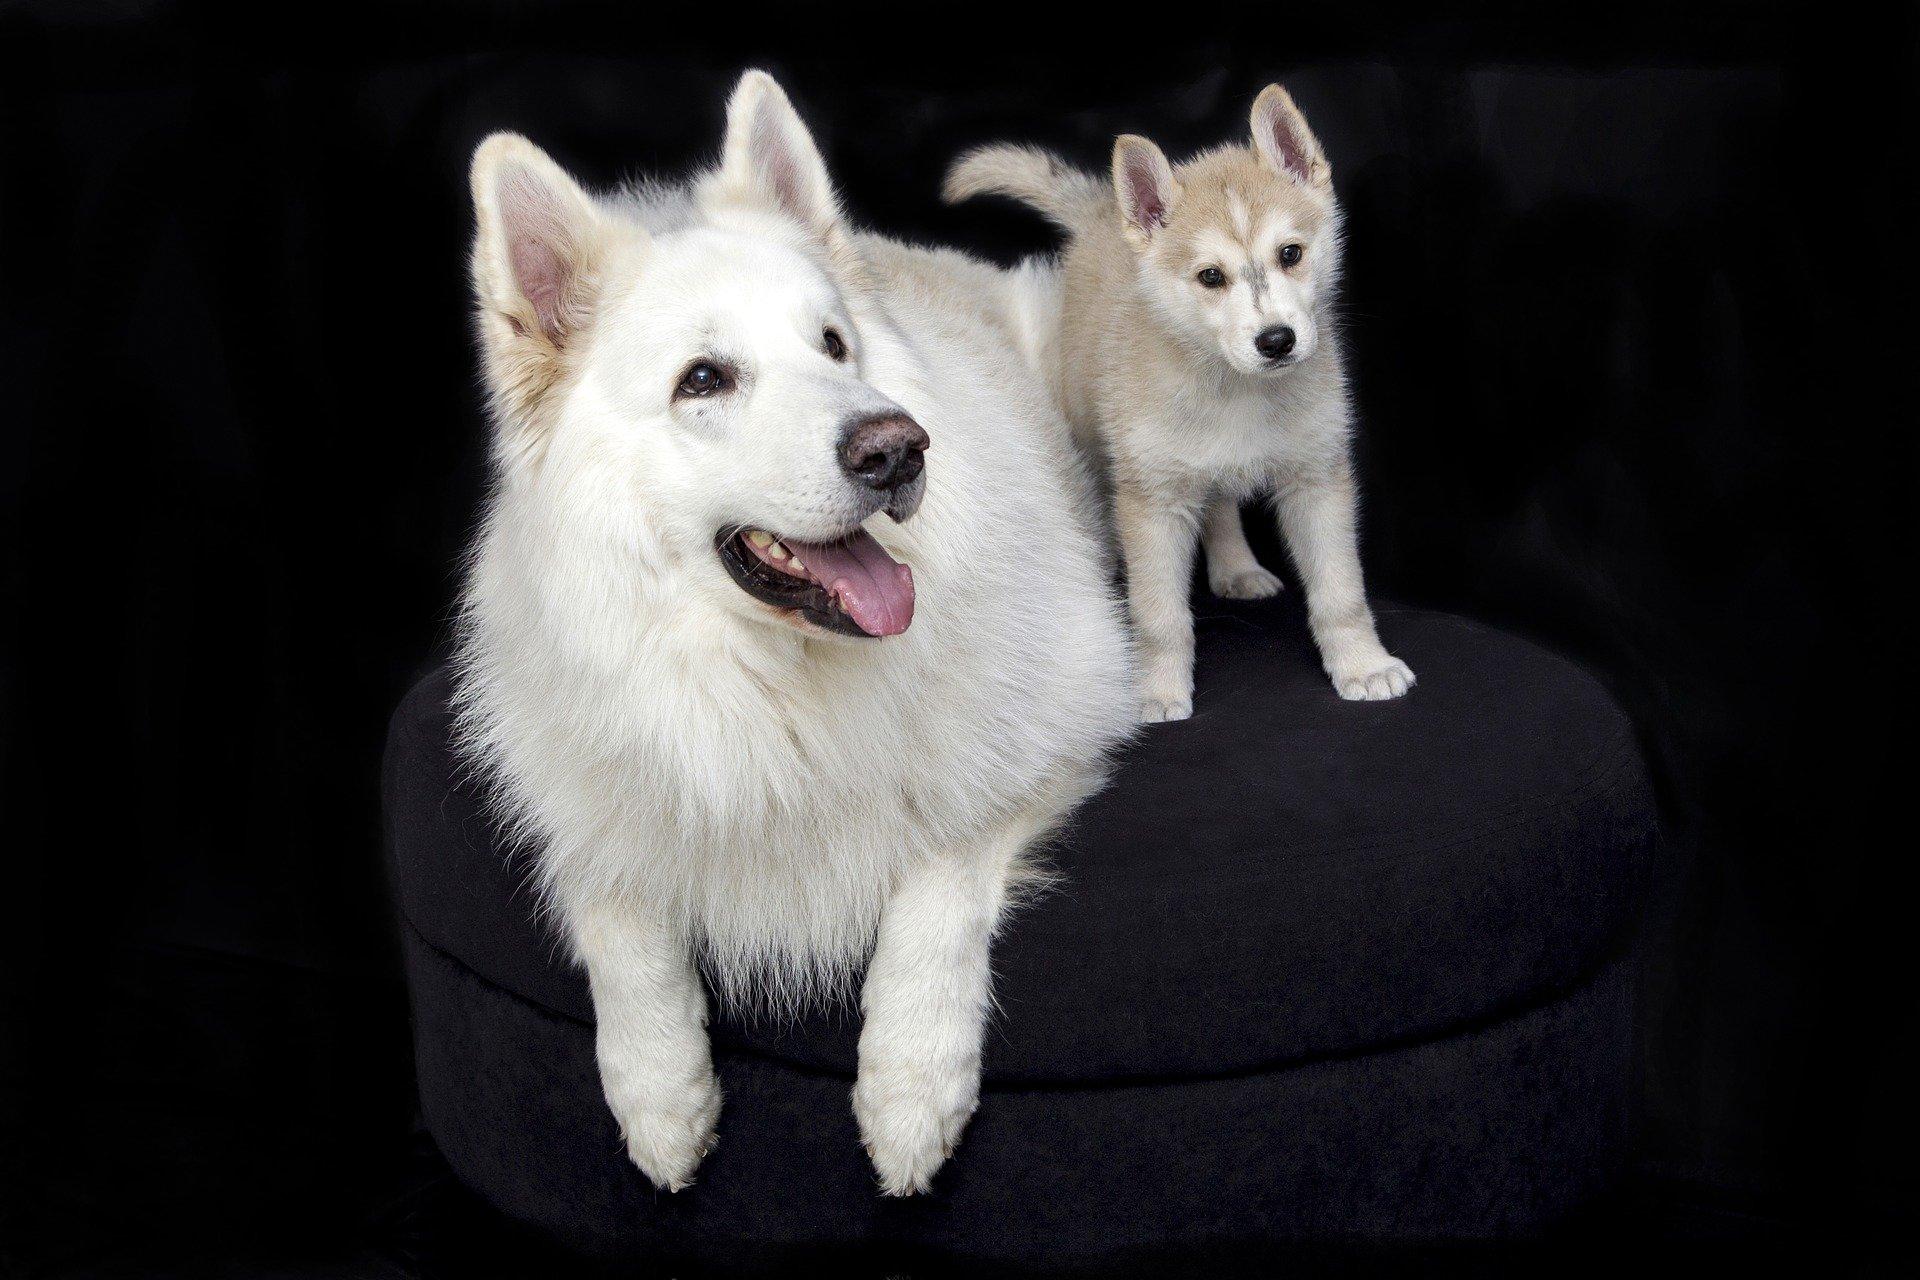 Età dei cani: scopriamo come calcolarla